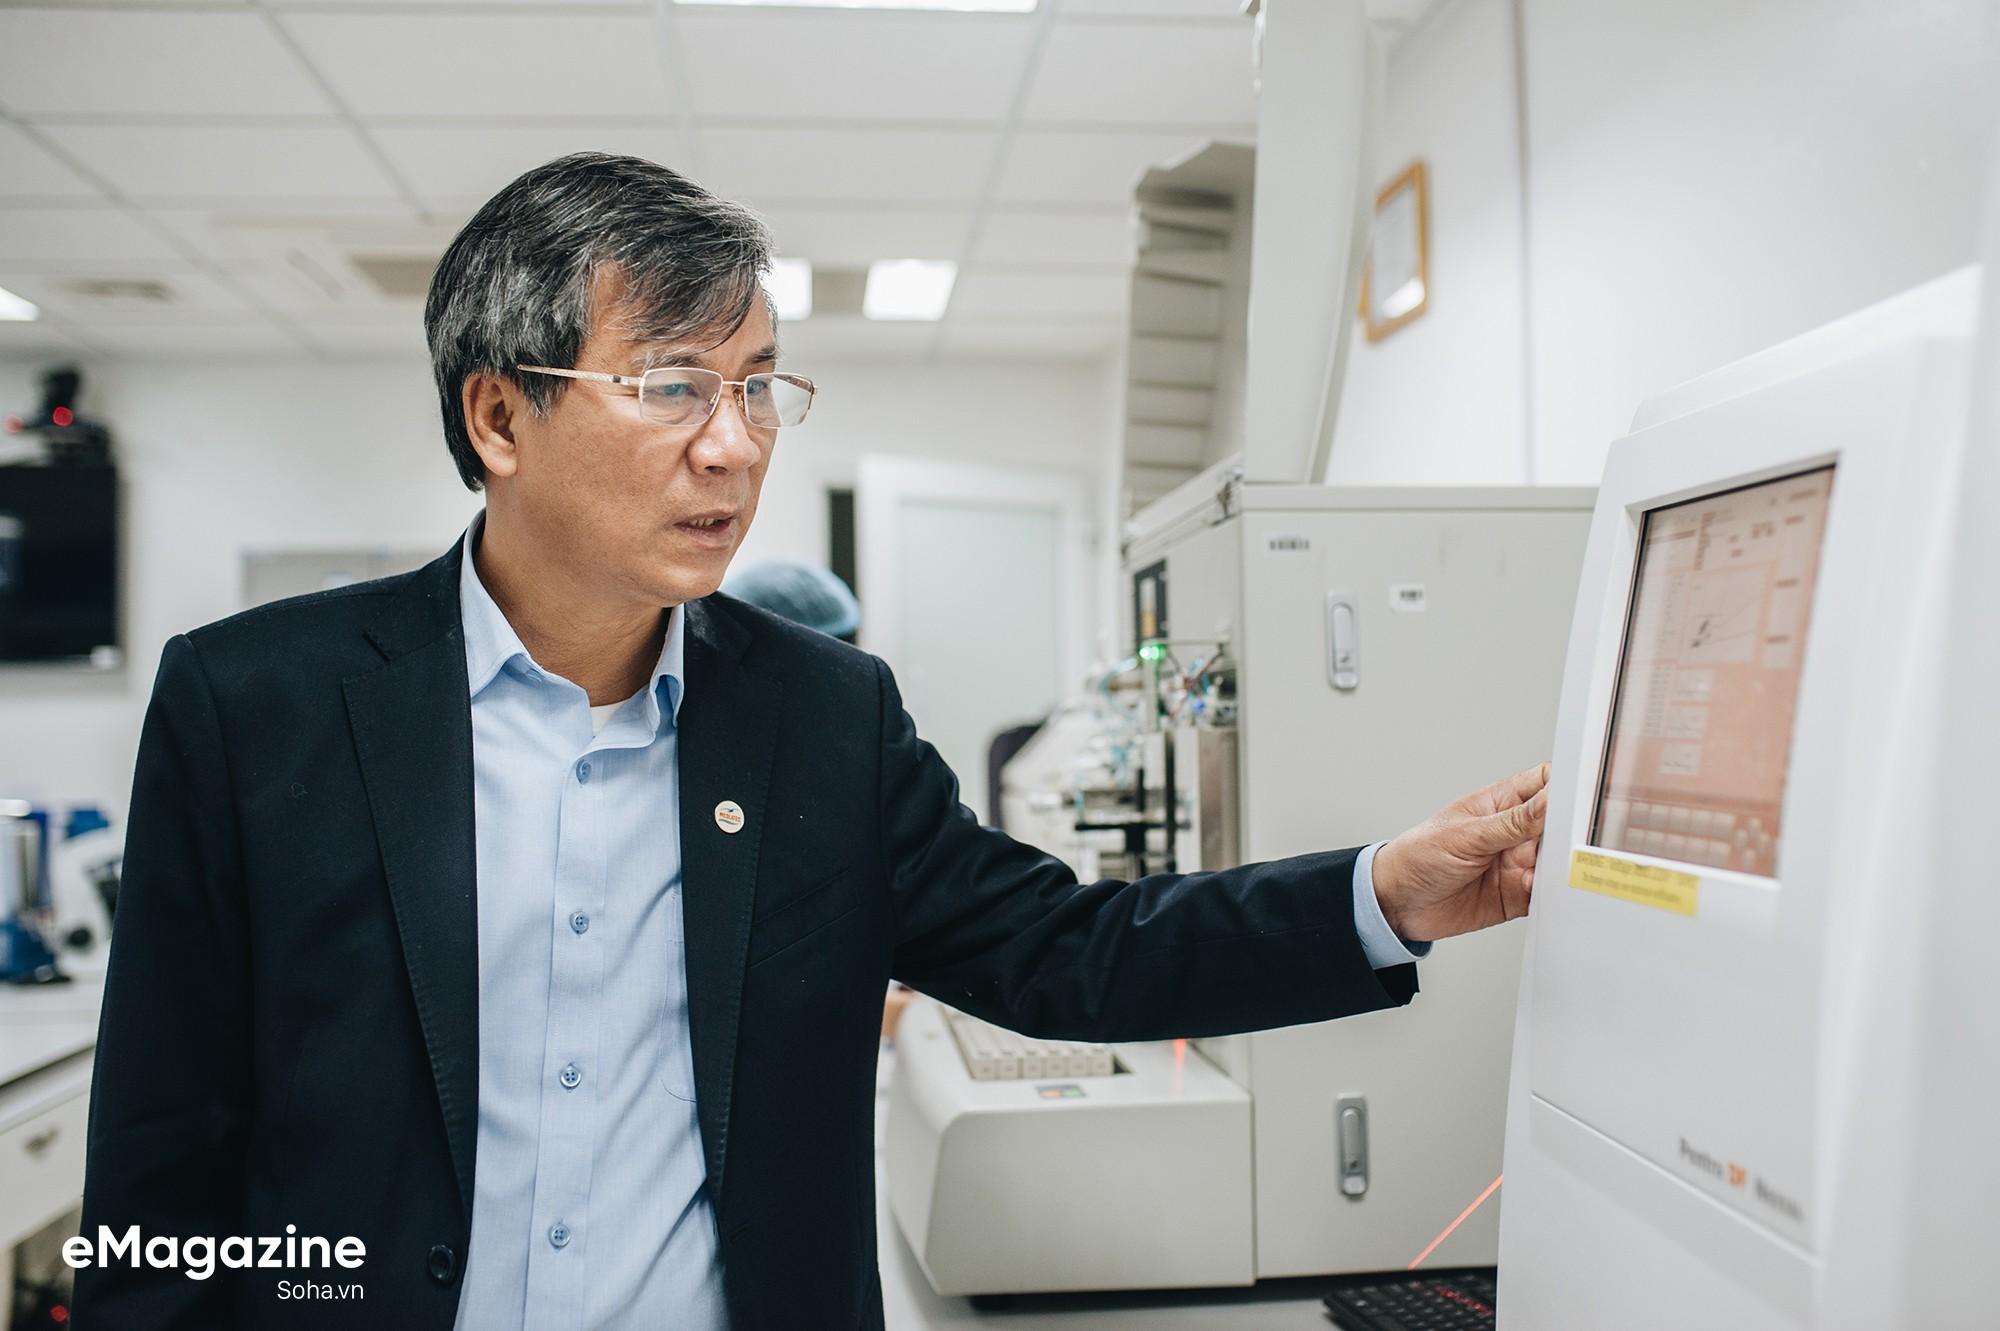 GS Nguyễn Anh Trí: Nếu kiếm tiền một cách chính danh, tôi là một trong những giáo sư giàu nhất VN - Ảnh 19.